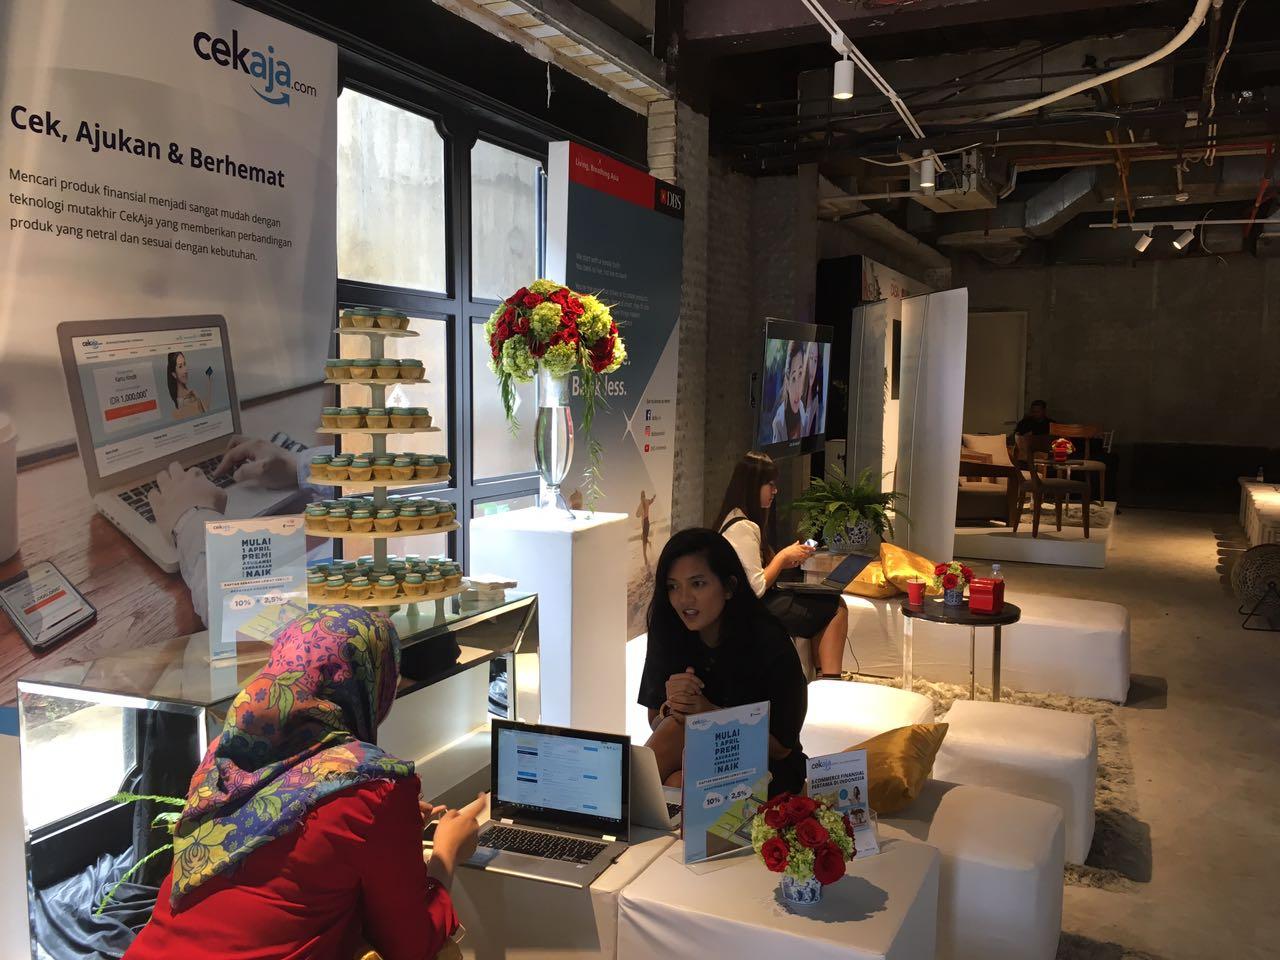 Booth CekAja.com dalam pameran dan talkshow di Forme Gallery Kemang